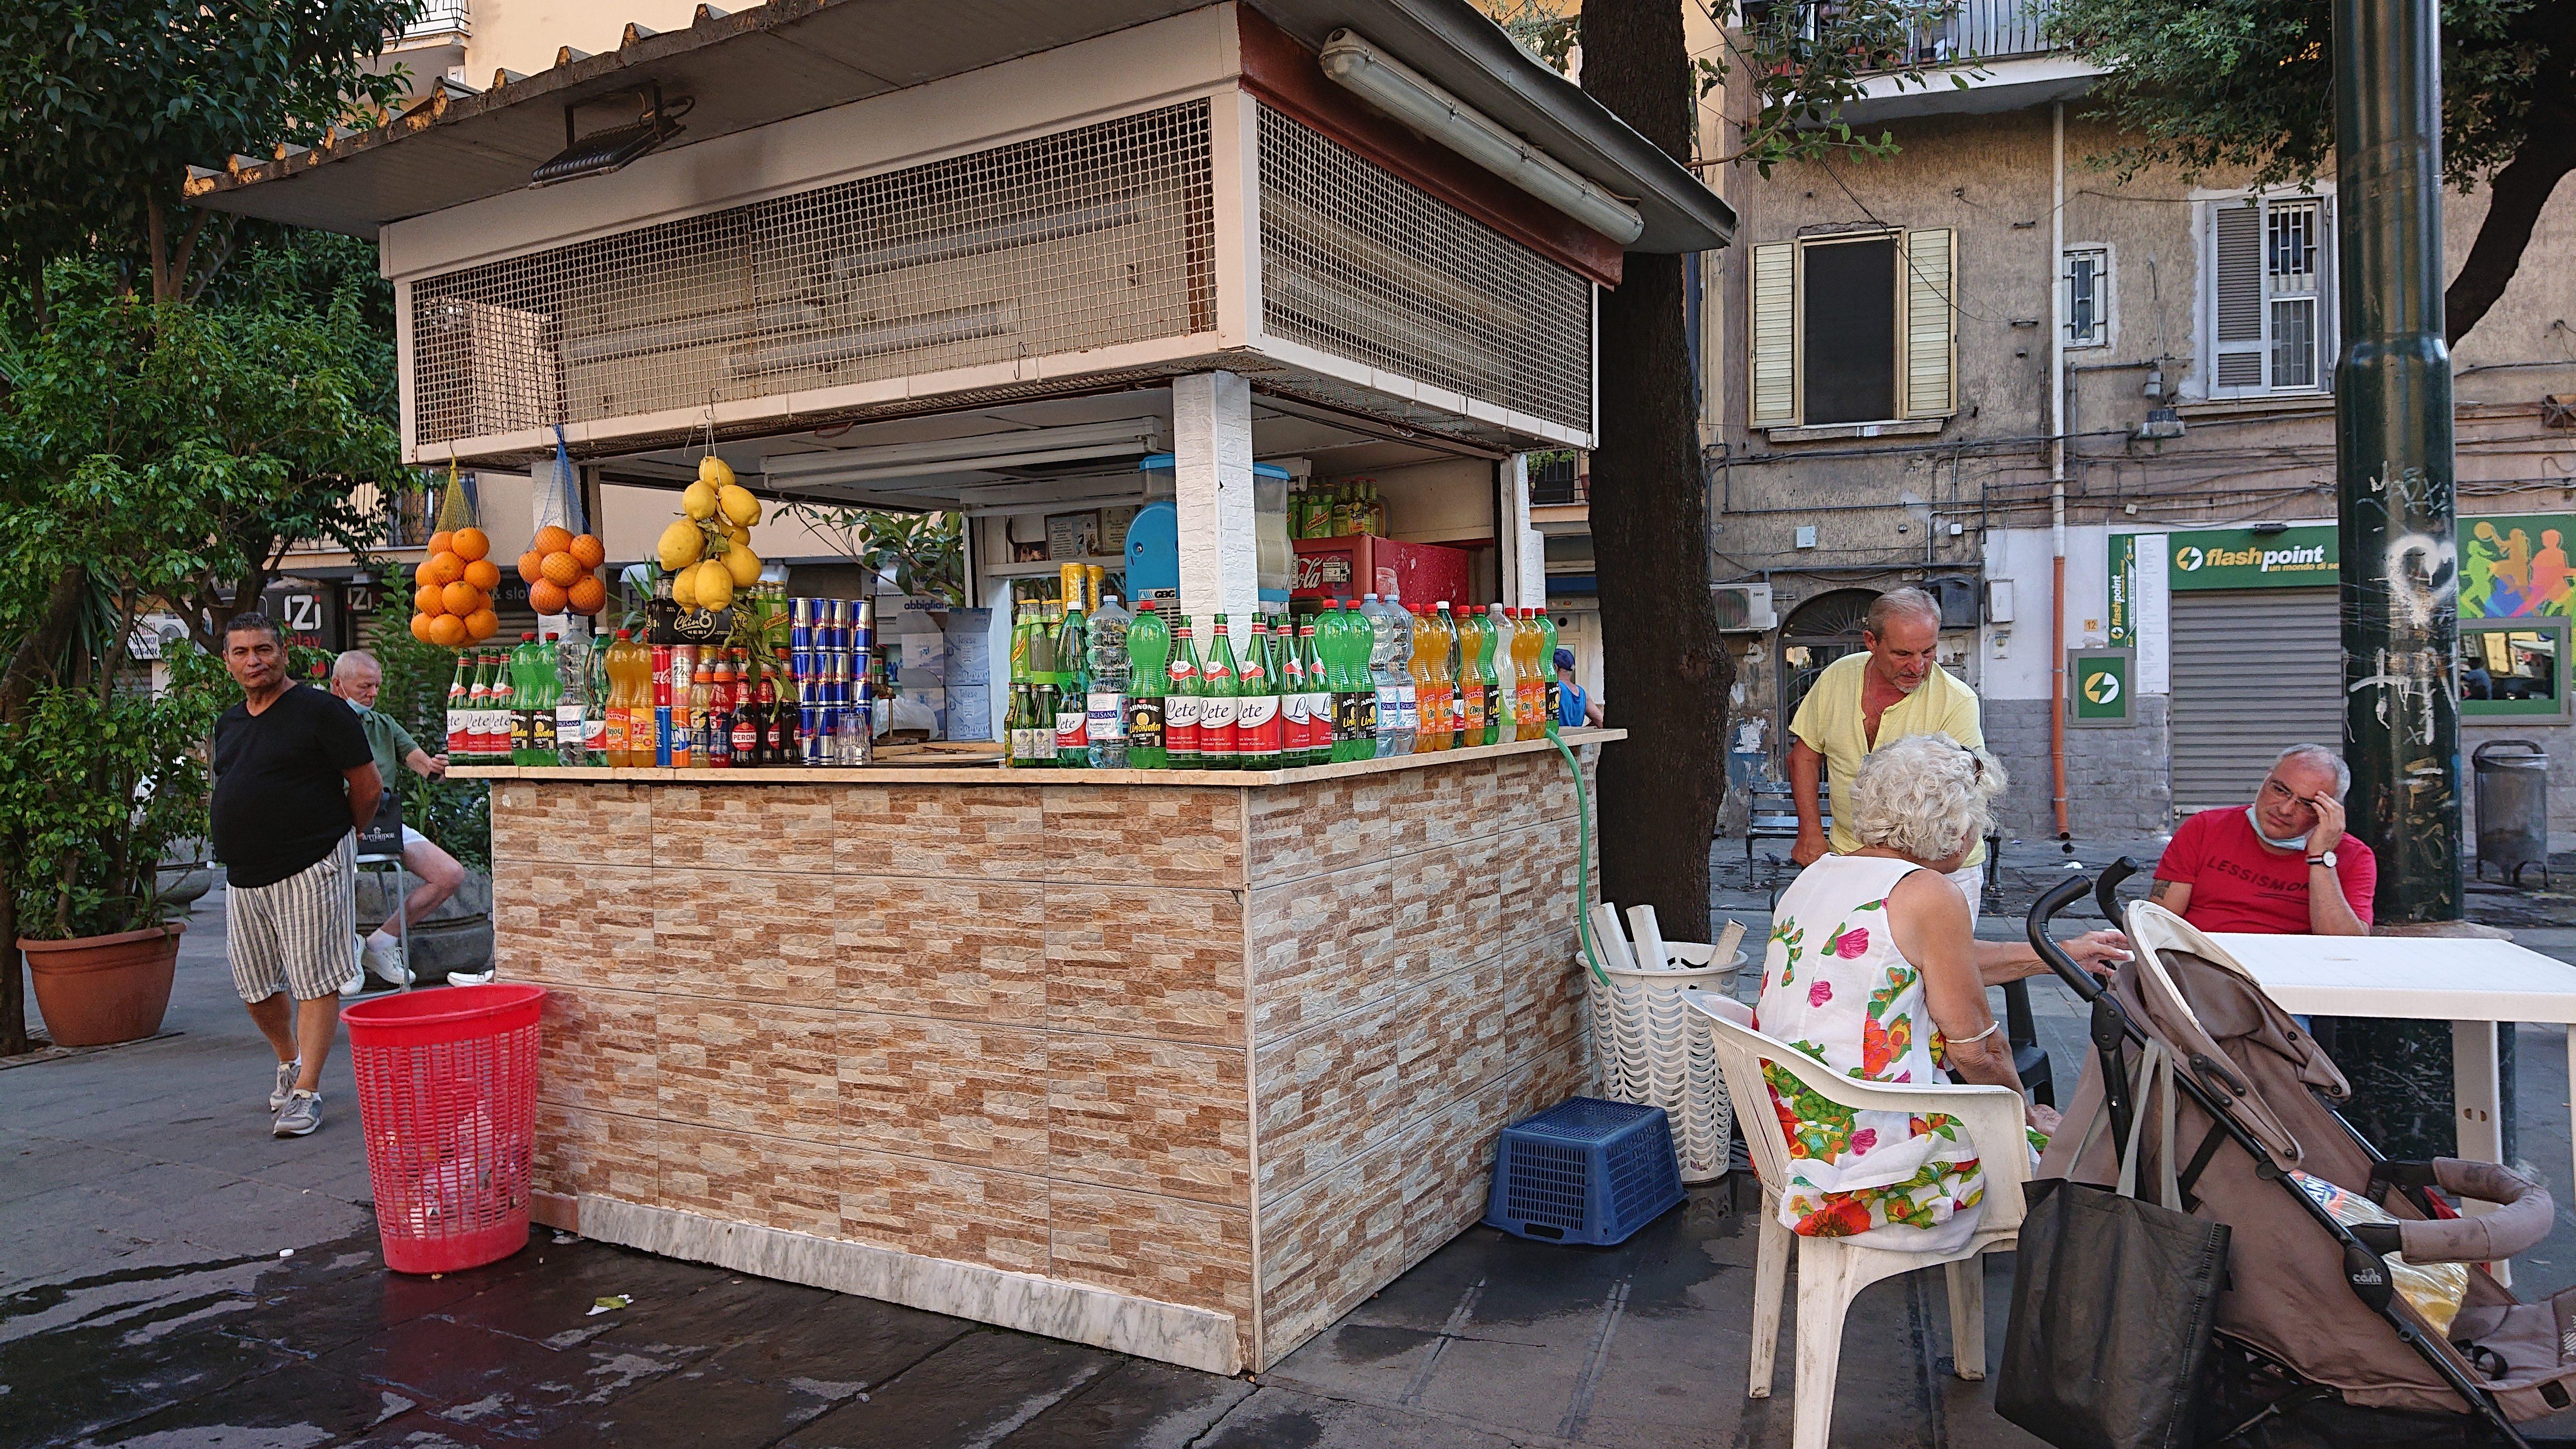 chioschi-napoli-limonata-cosce-aperte